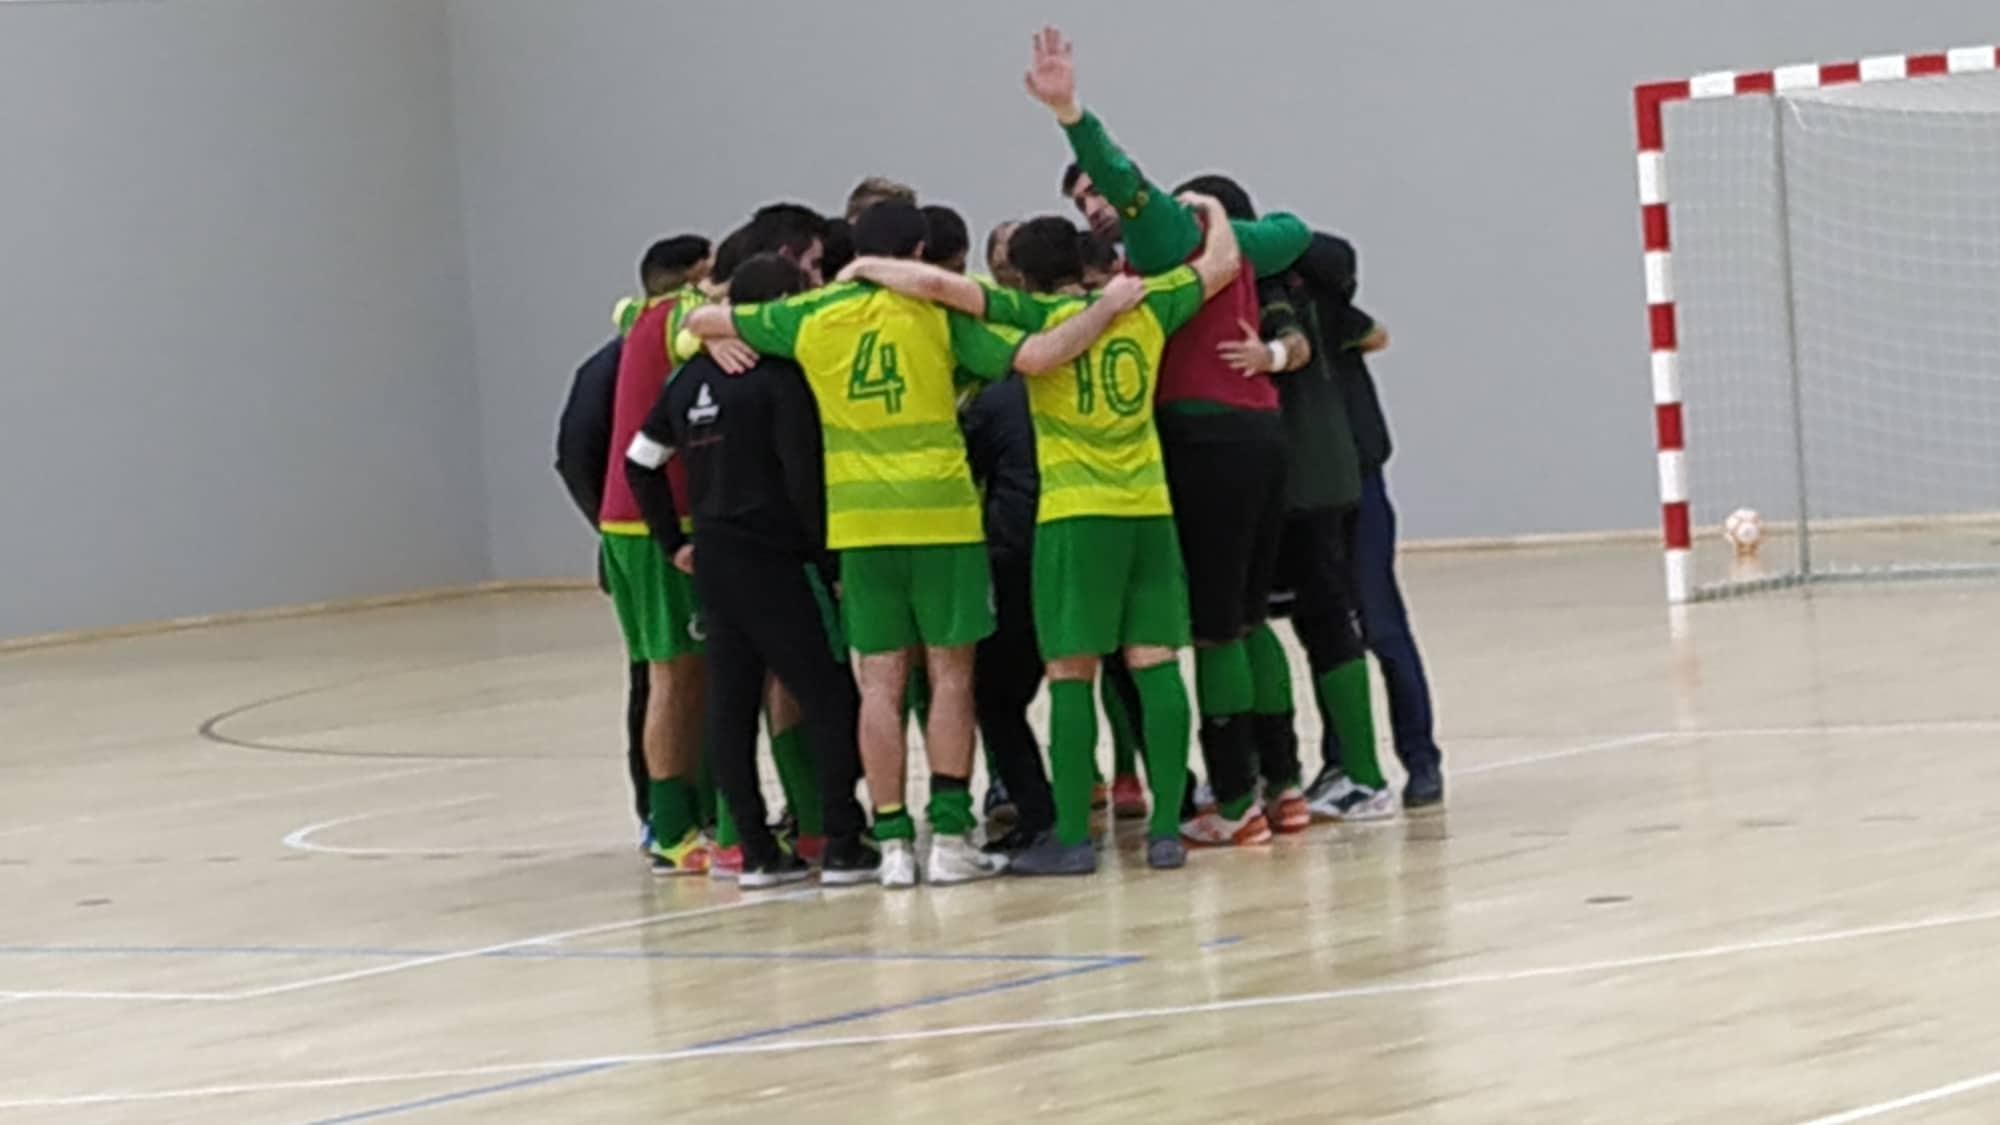 Macedense consegue vitória frente ao Fafe num jogo de emoções fortes